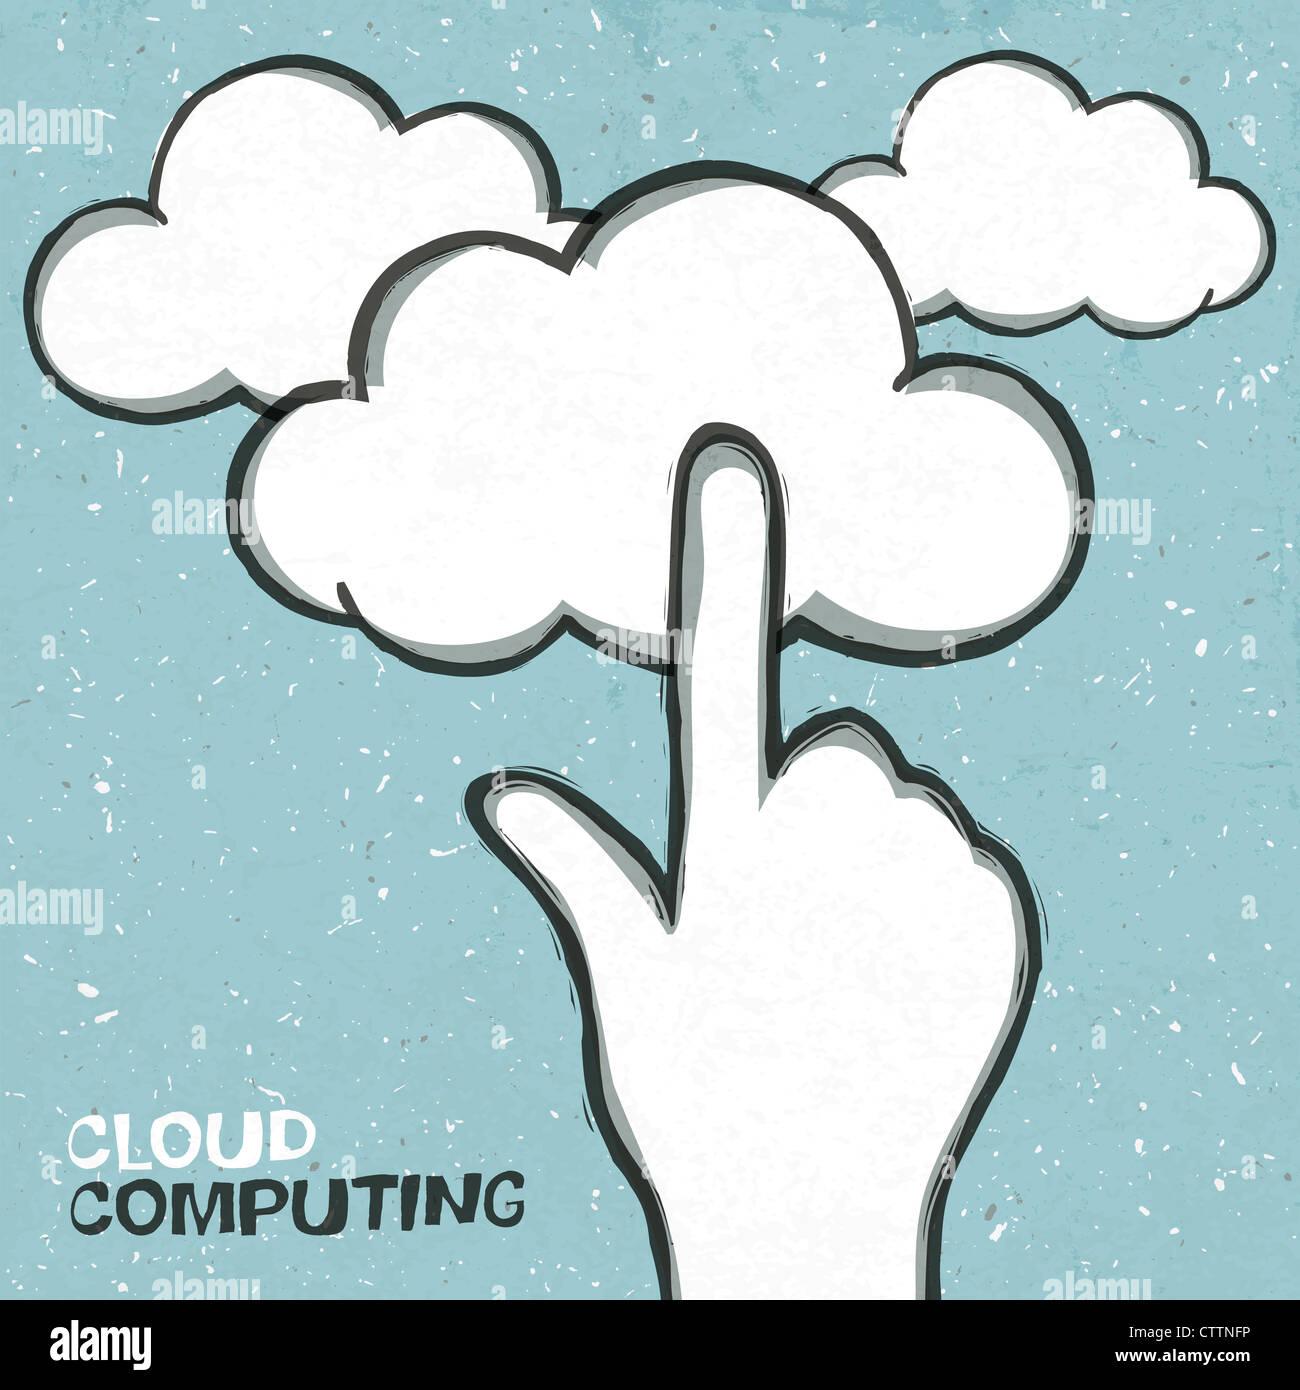 Ilustración del concepto de cloud computing Imagen De Stock